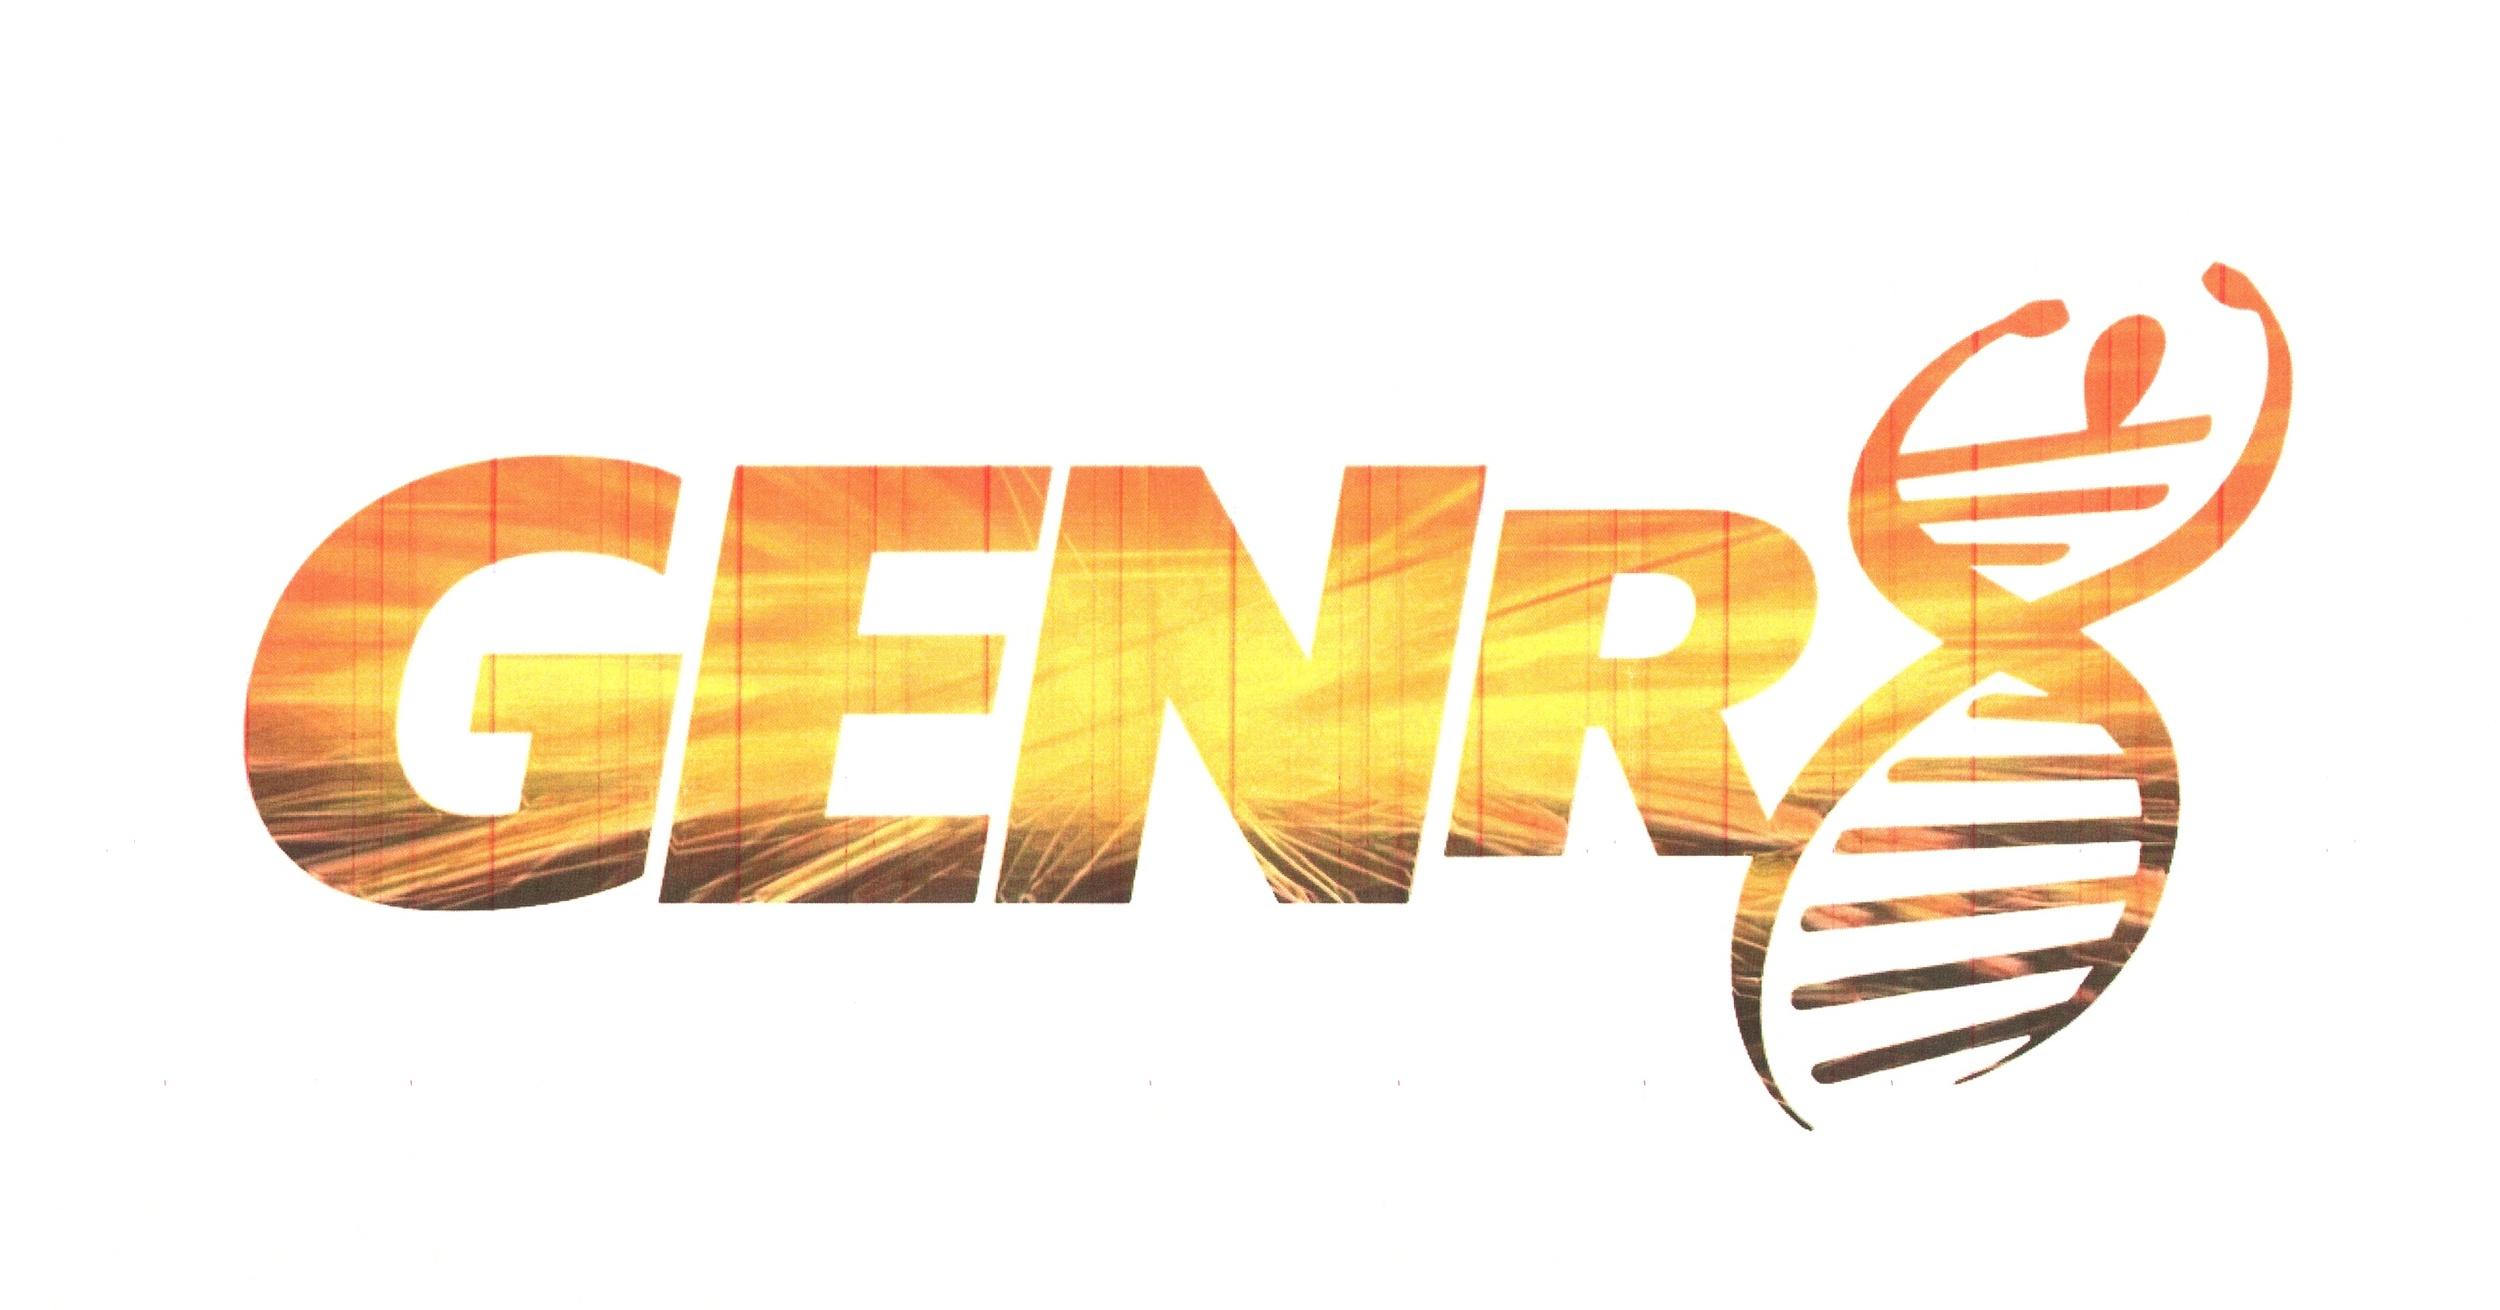 genr8speed.com